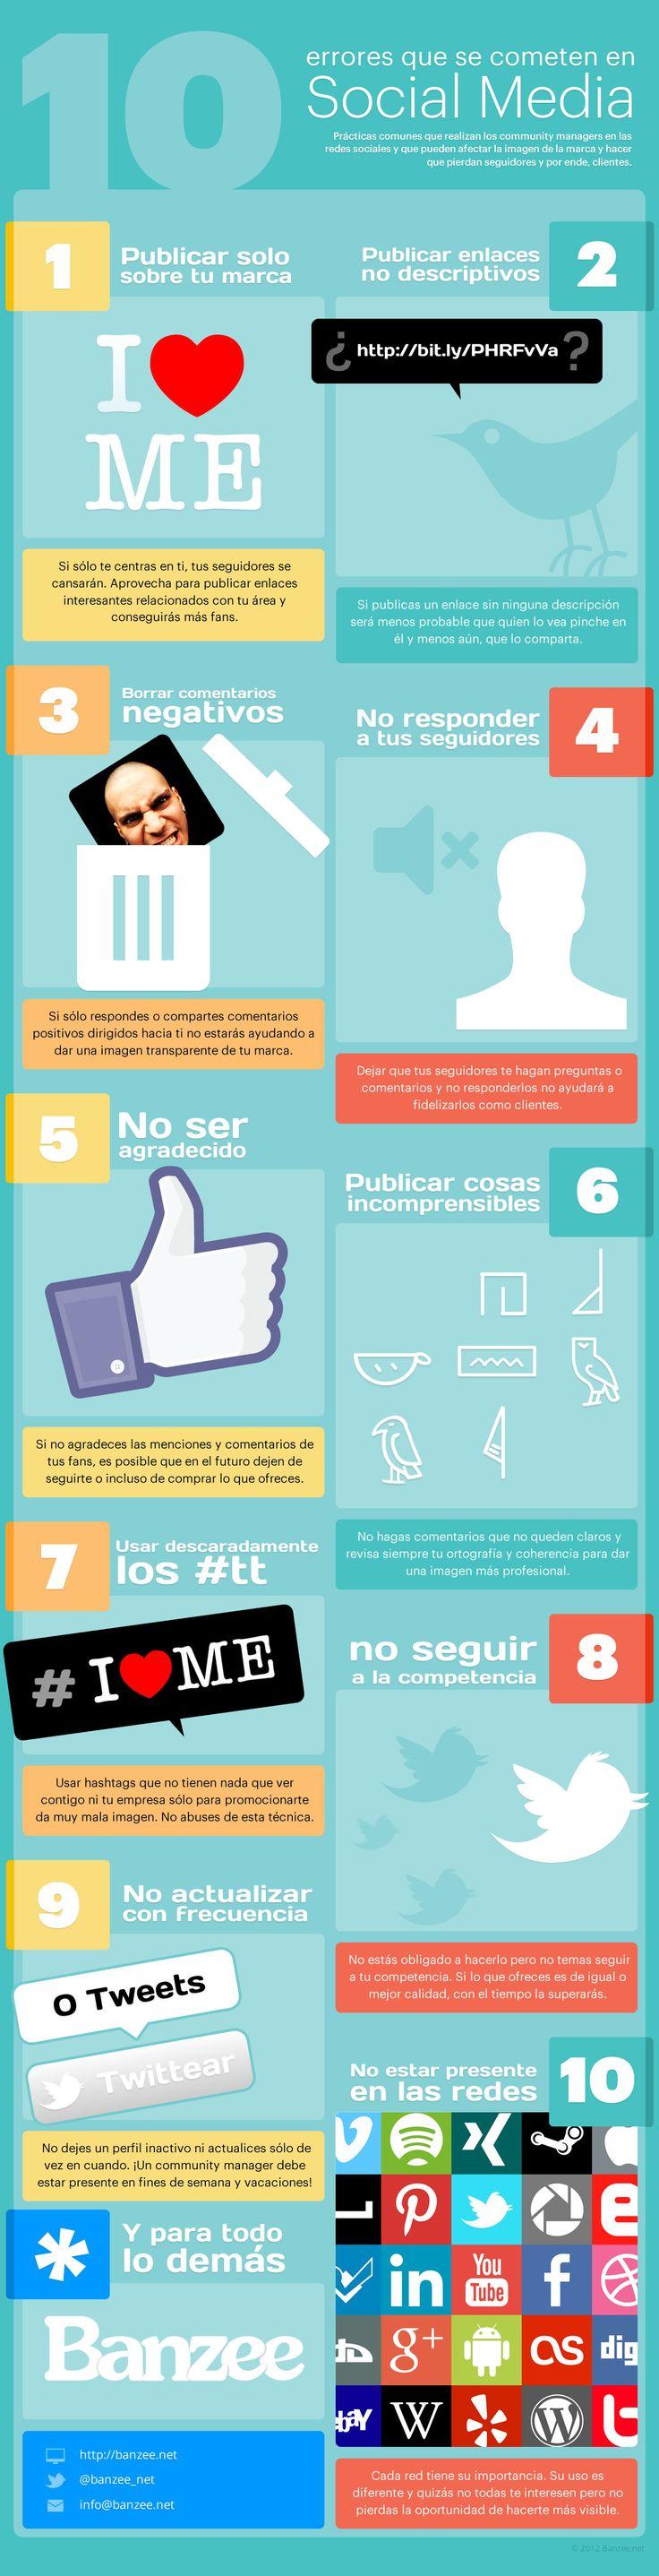 Infografía en español que muestra 10 errores que se comenten en Social Media